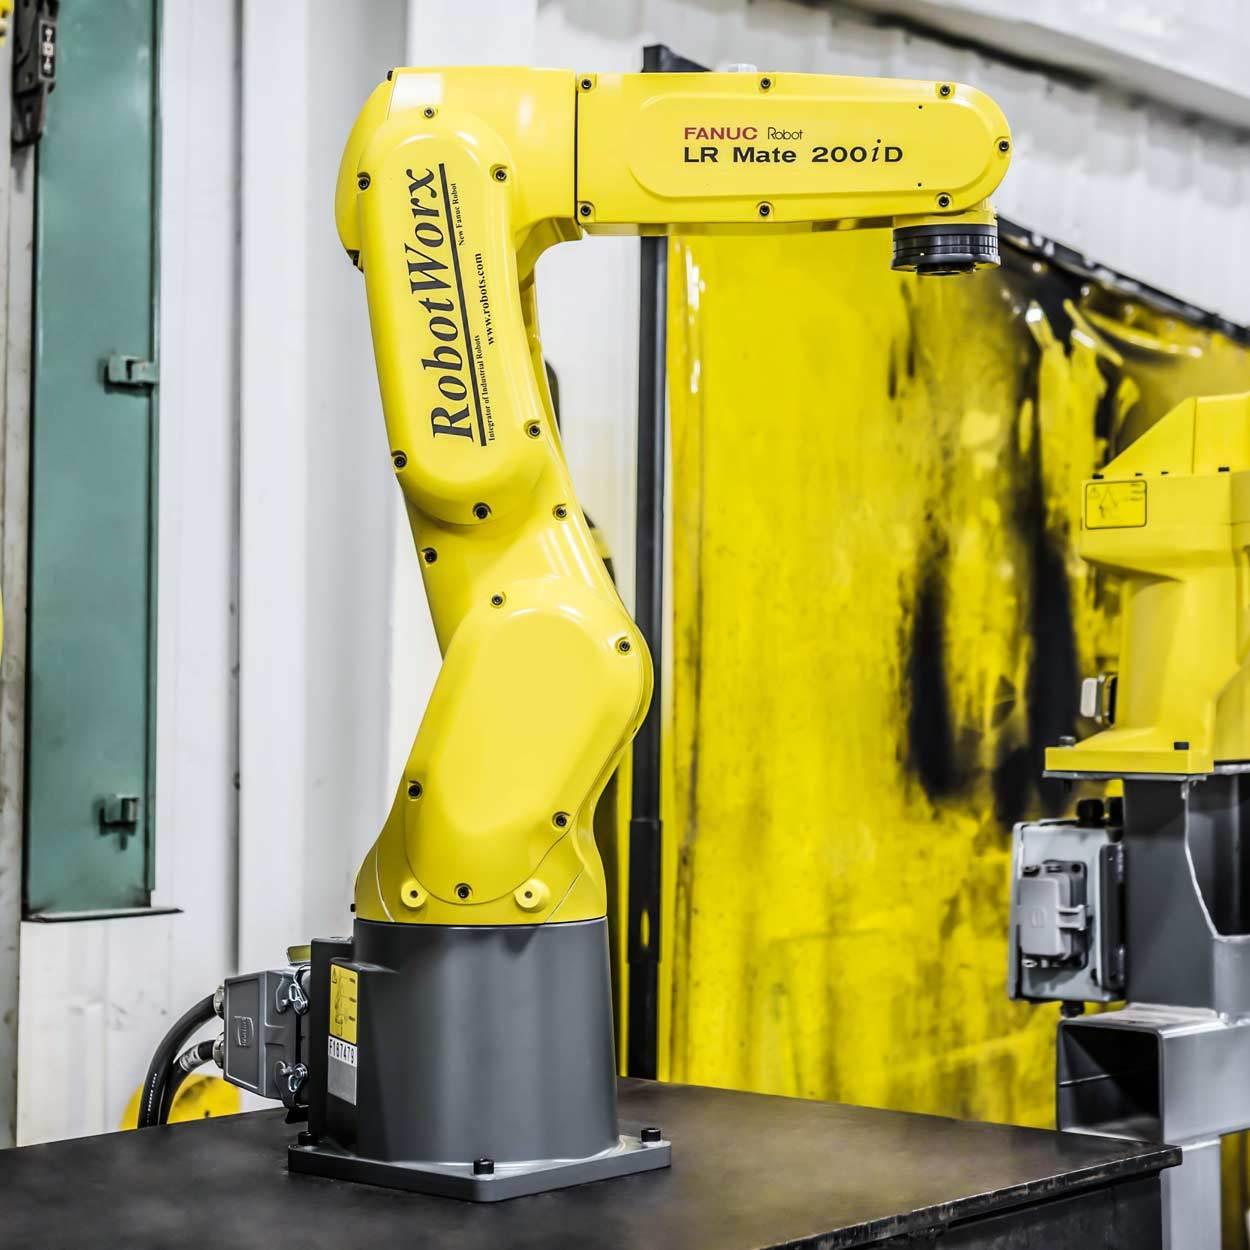 RobotWorx - FANUC LR Mate 200iD